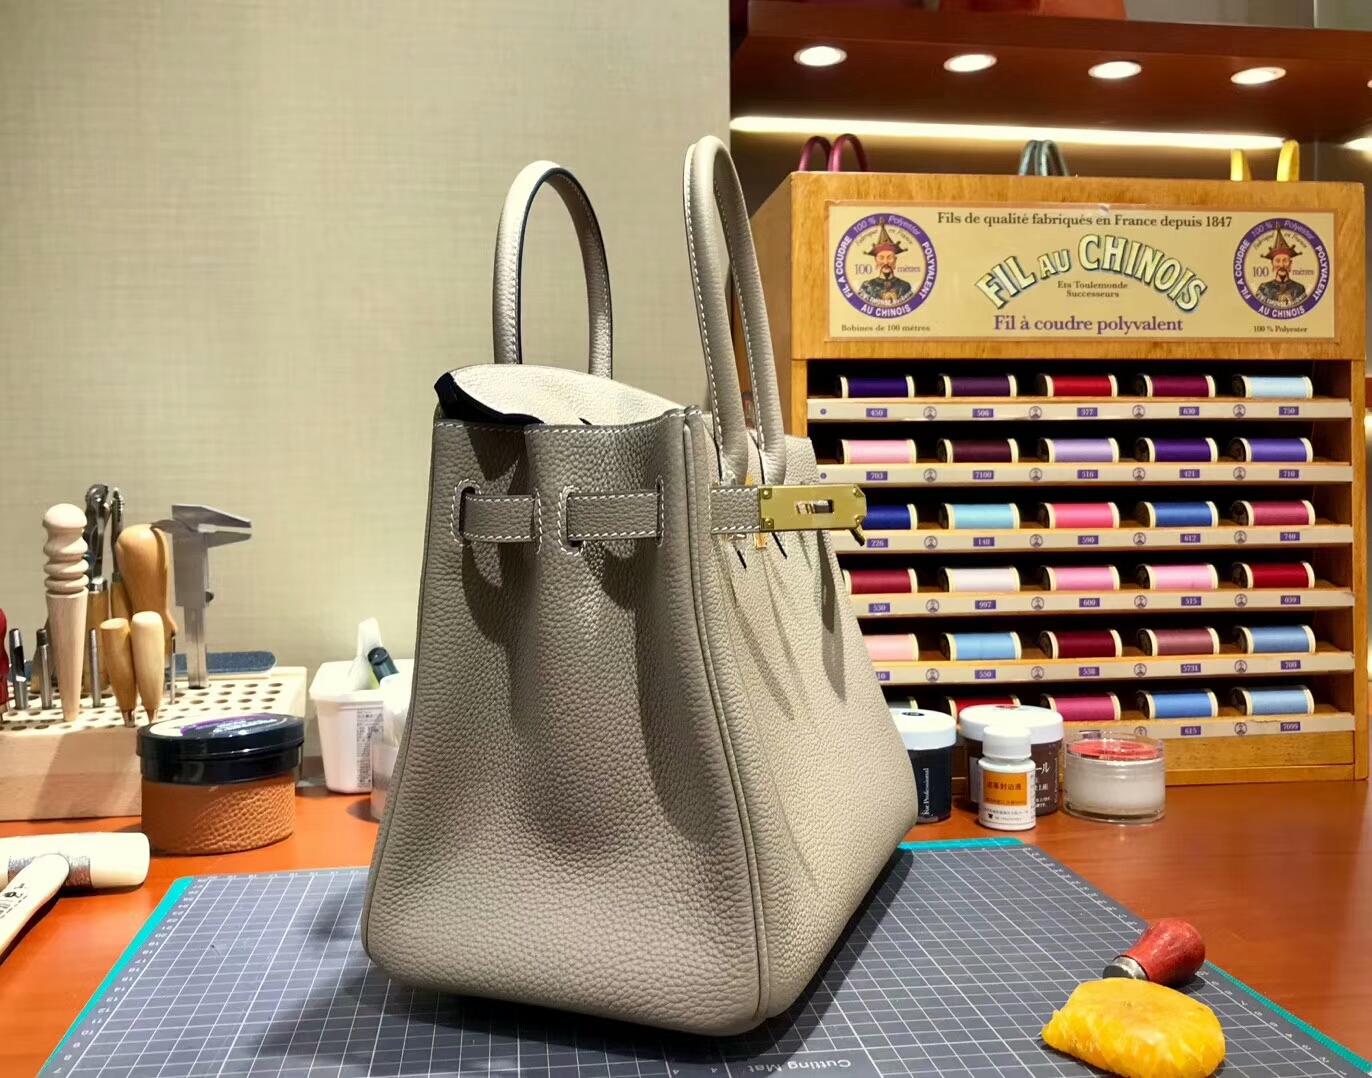 爱马仕 HERMES 铂金包 Birkin 30cm 配全套专柜原版包装 全球发售 8F锡器灰 Etain